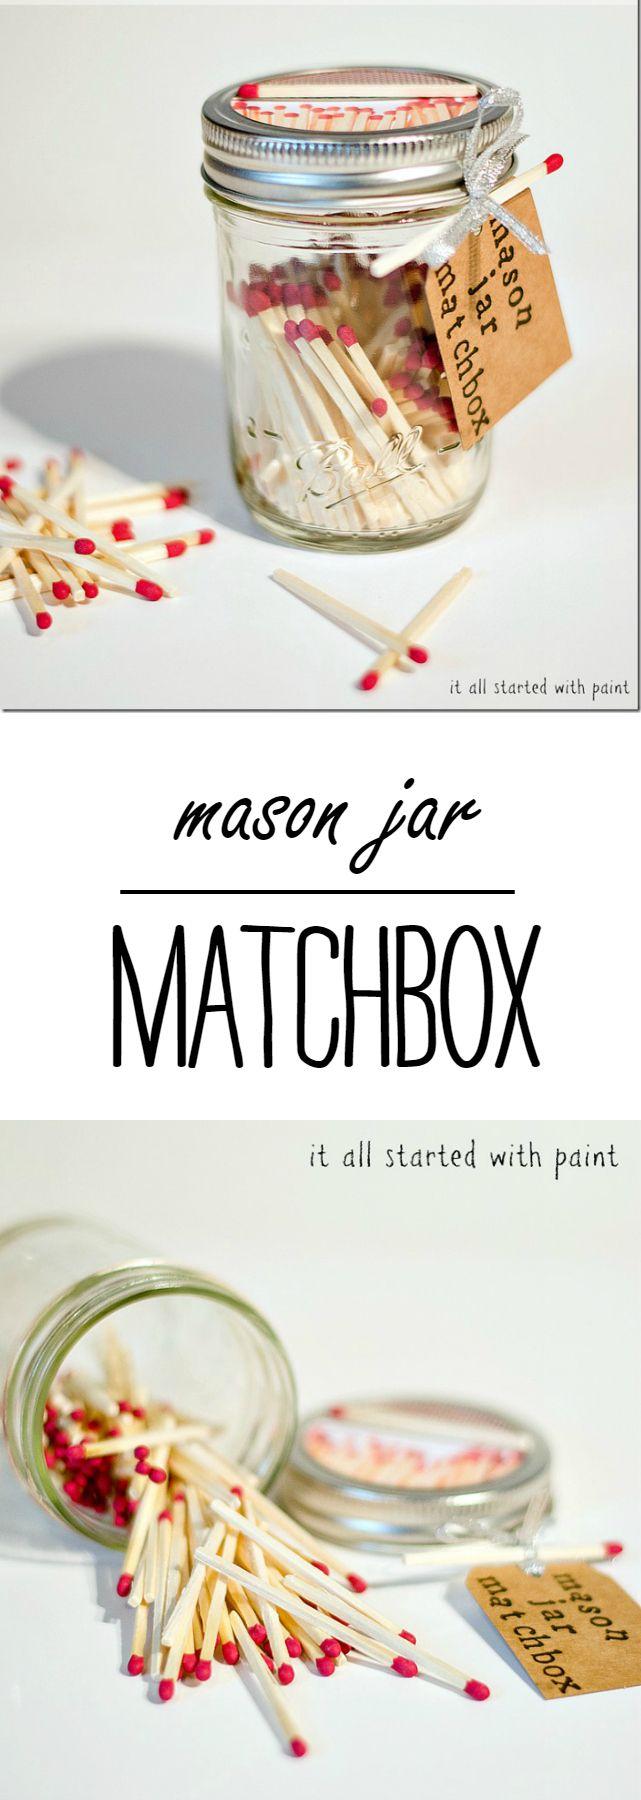 Mason Jar Matchbox Gift Idea for Father's Day